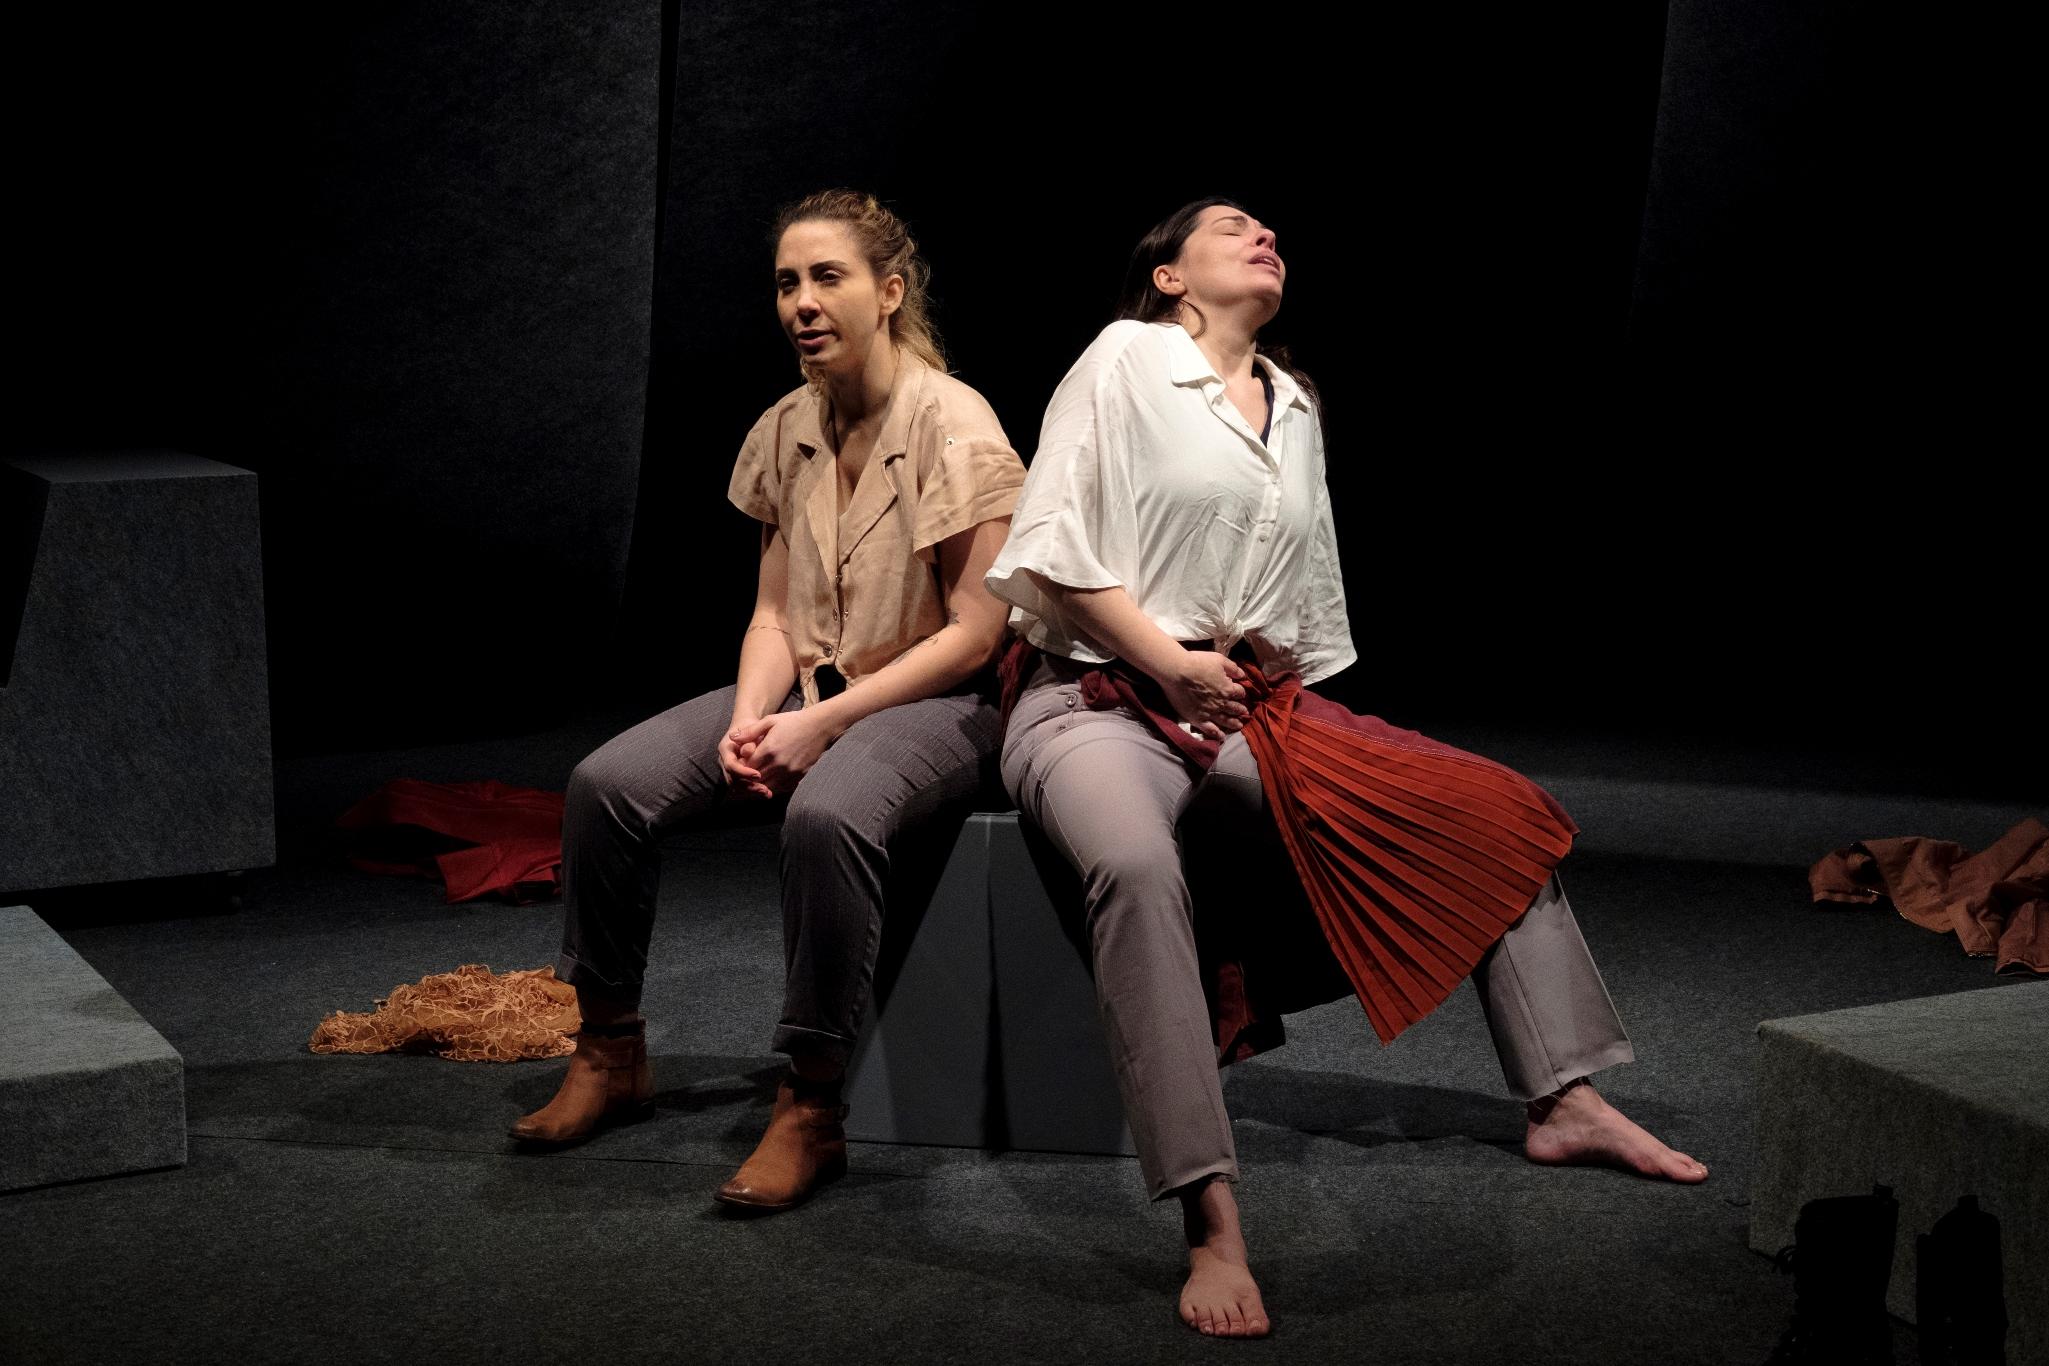 Atrizes Carol Cezar e Fernanda Heras no palco, sentadas em cubo